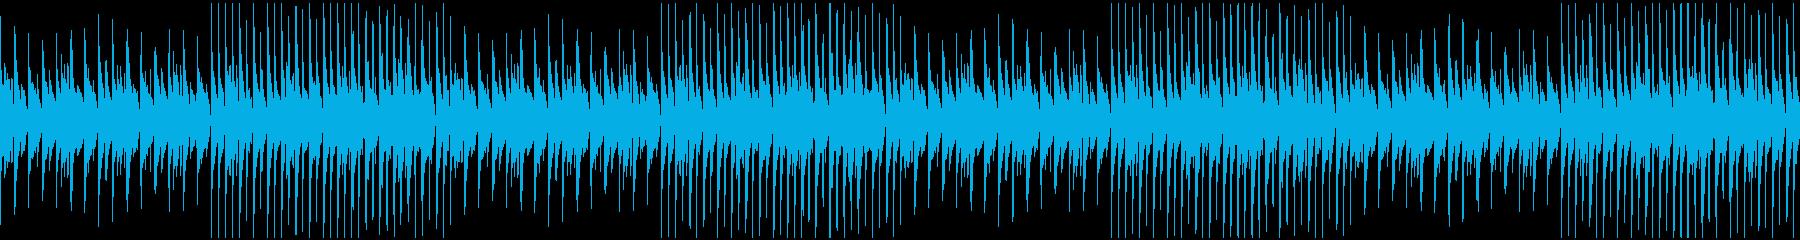 ジャジー、秋、カフェお洒落ビートの再生済みの波形